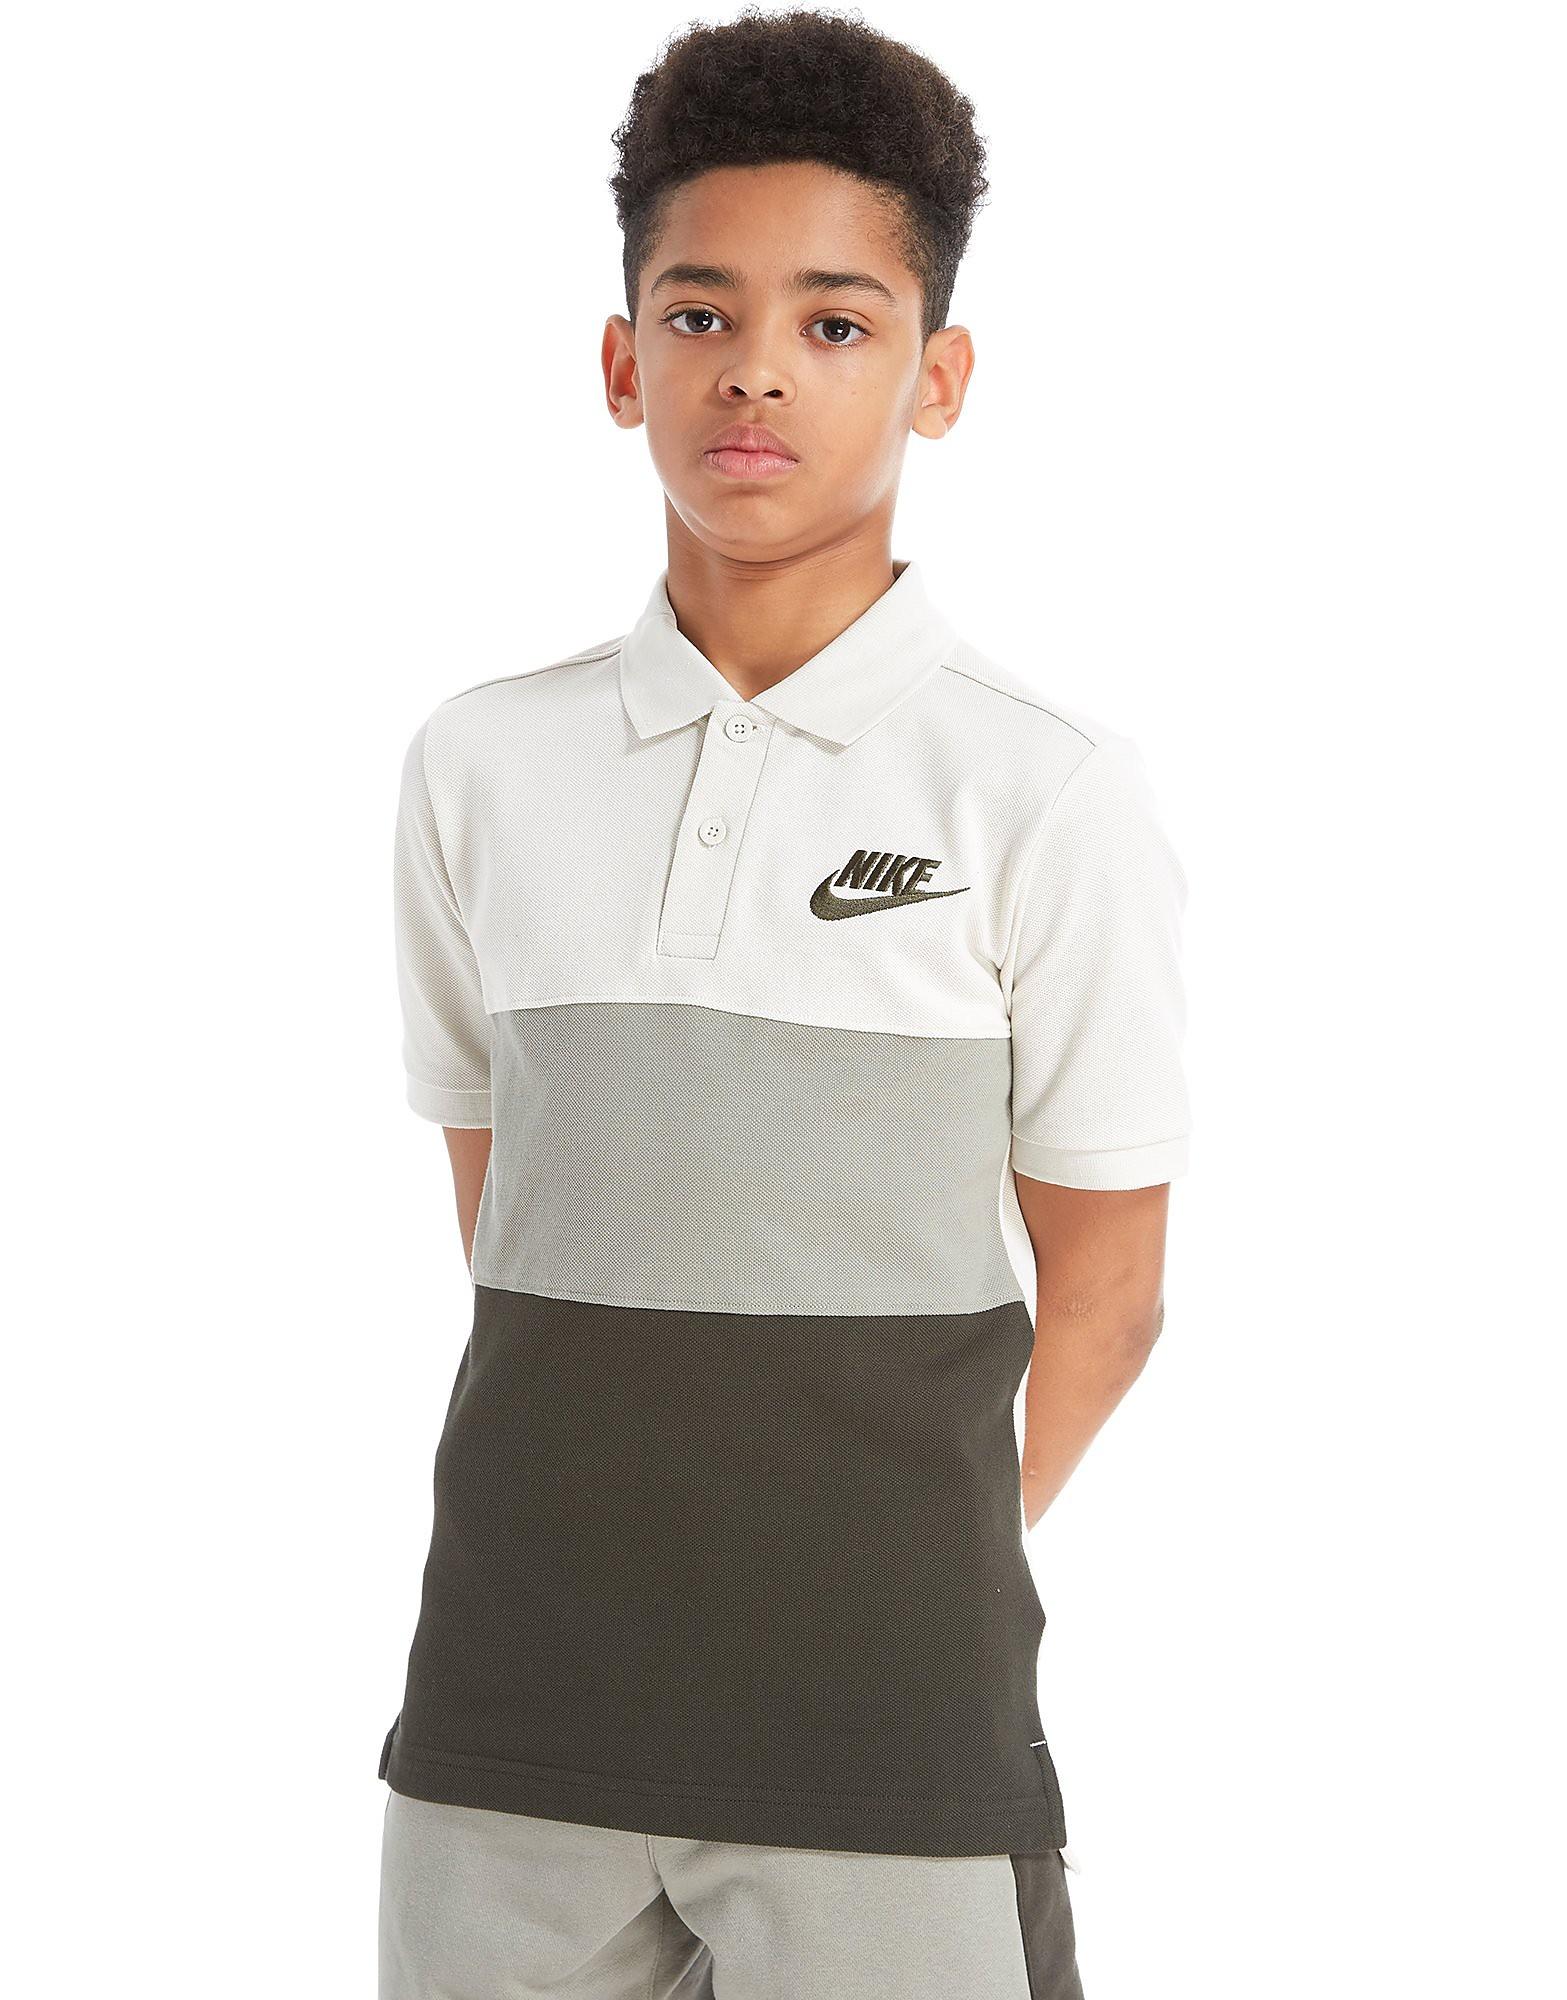 Nike polo Colourblock júnior